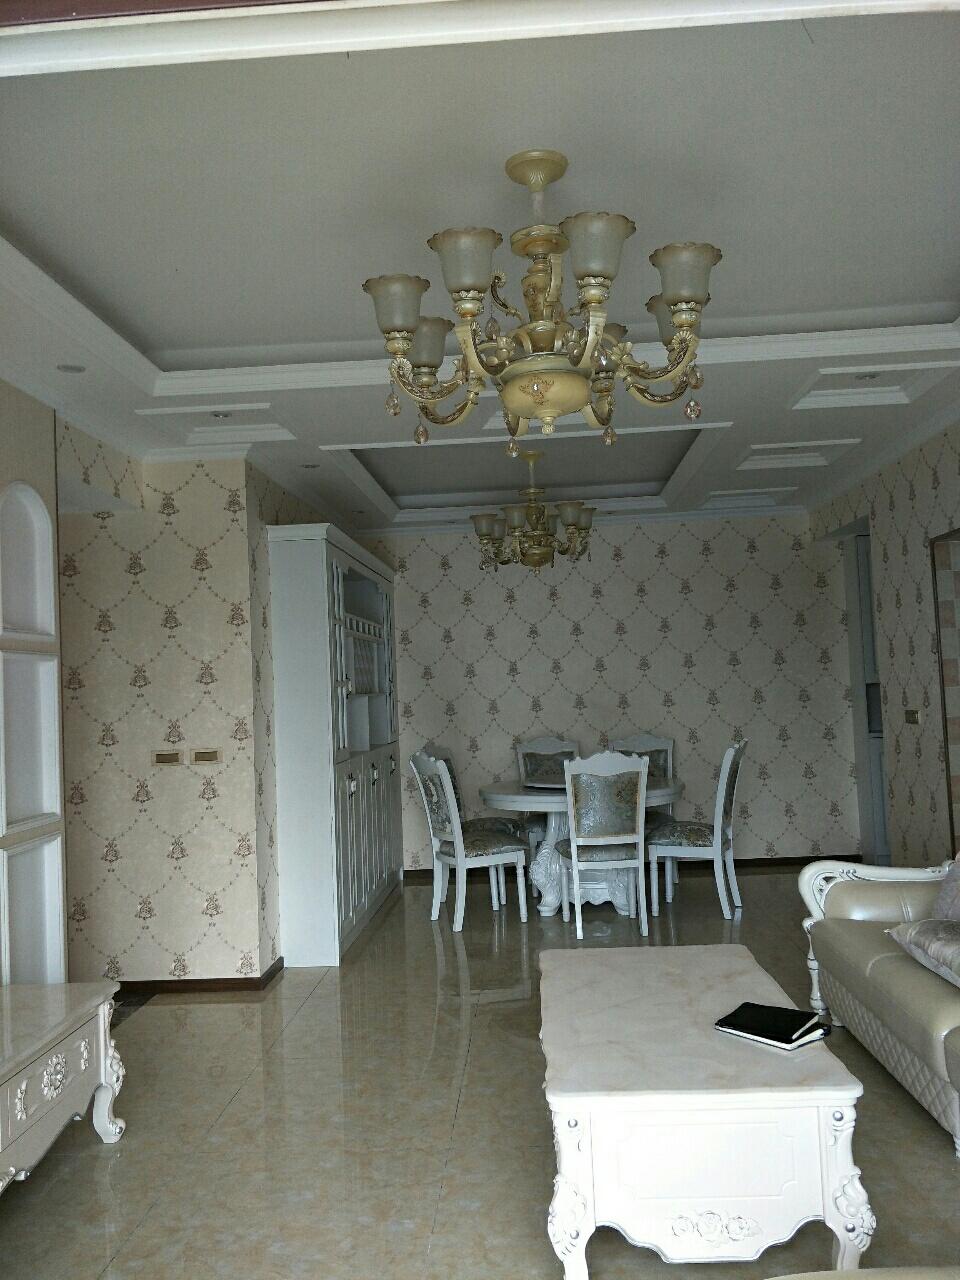 棠香水岸3室2廳61.8萬元免費讀城南